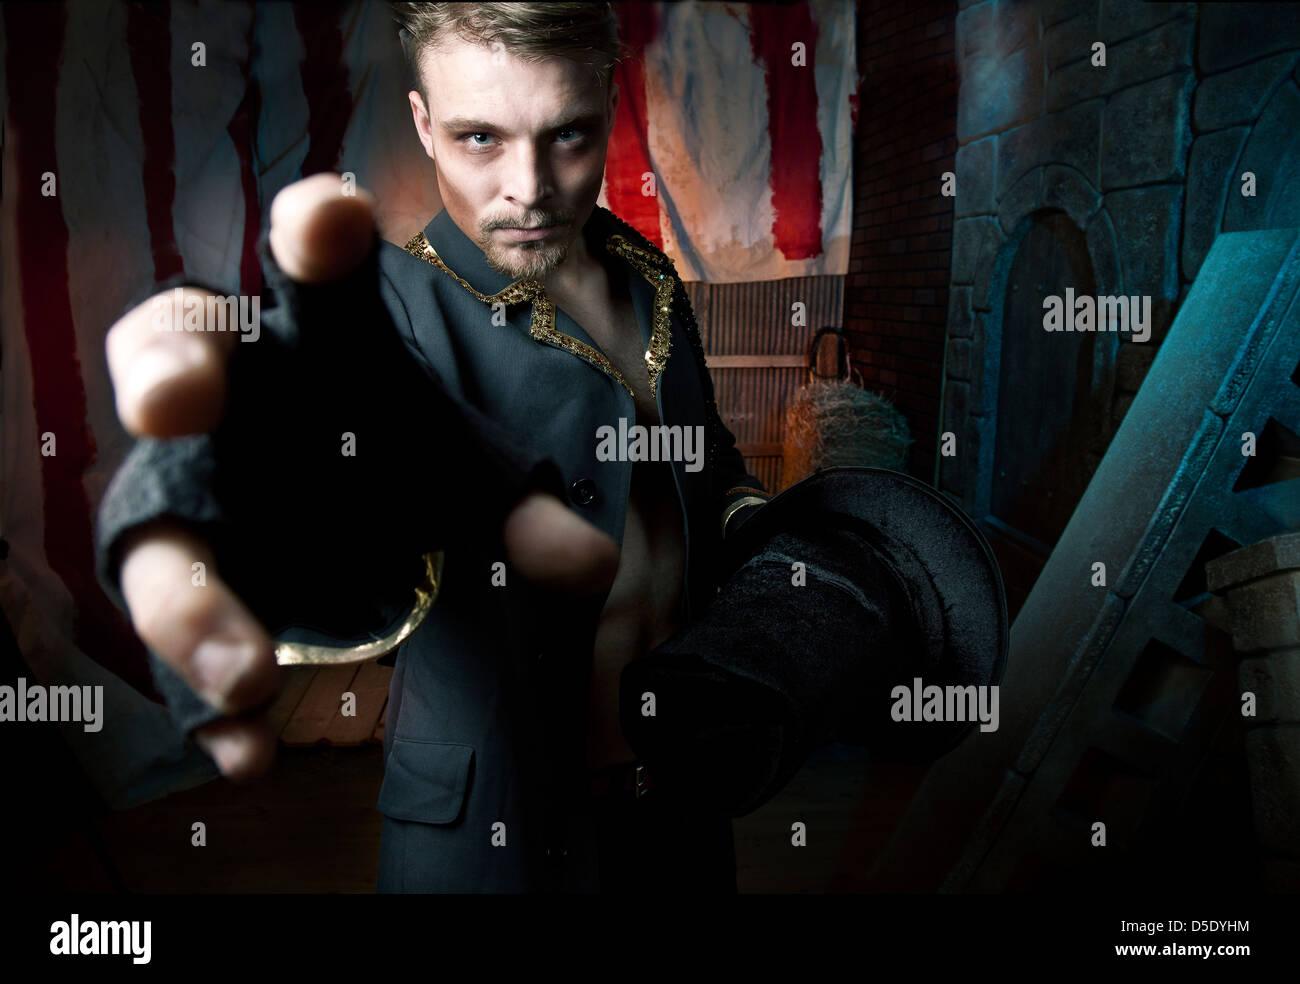 L'homme à parvenir à l'égard d'événements dans l'allée sombre tented Photo Stock